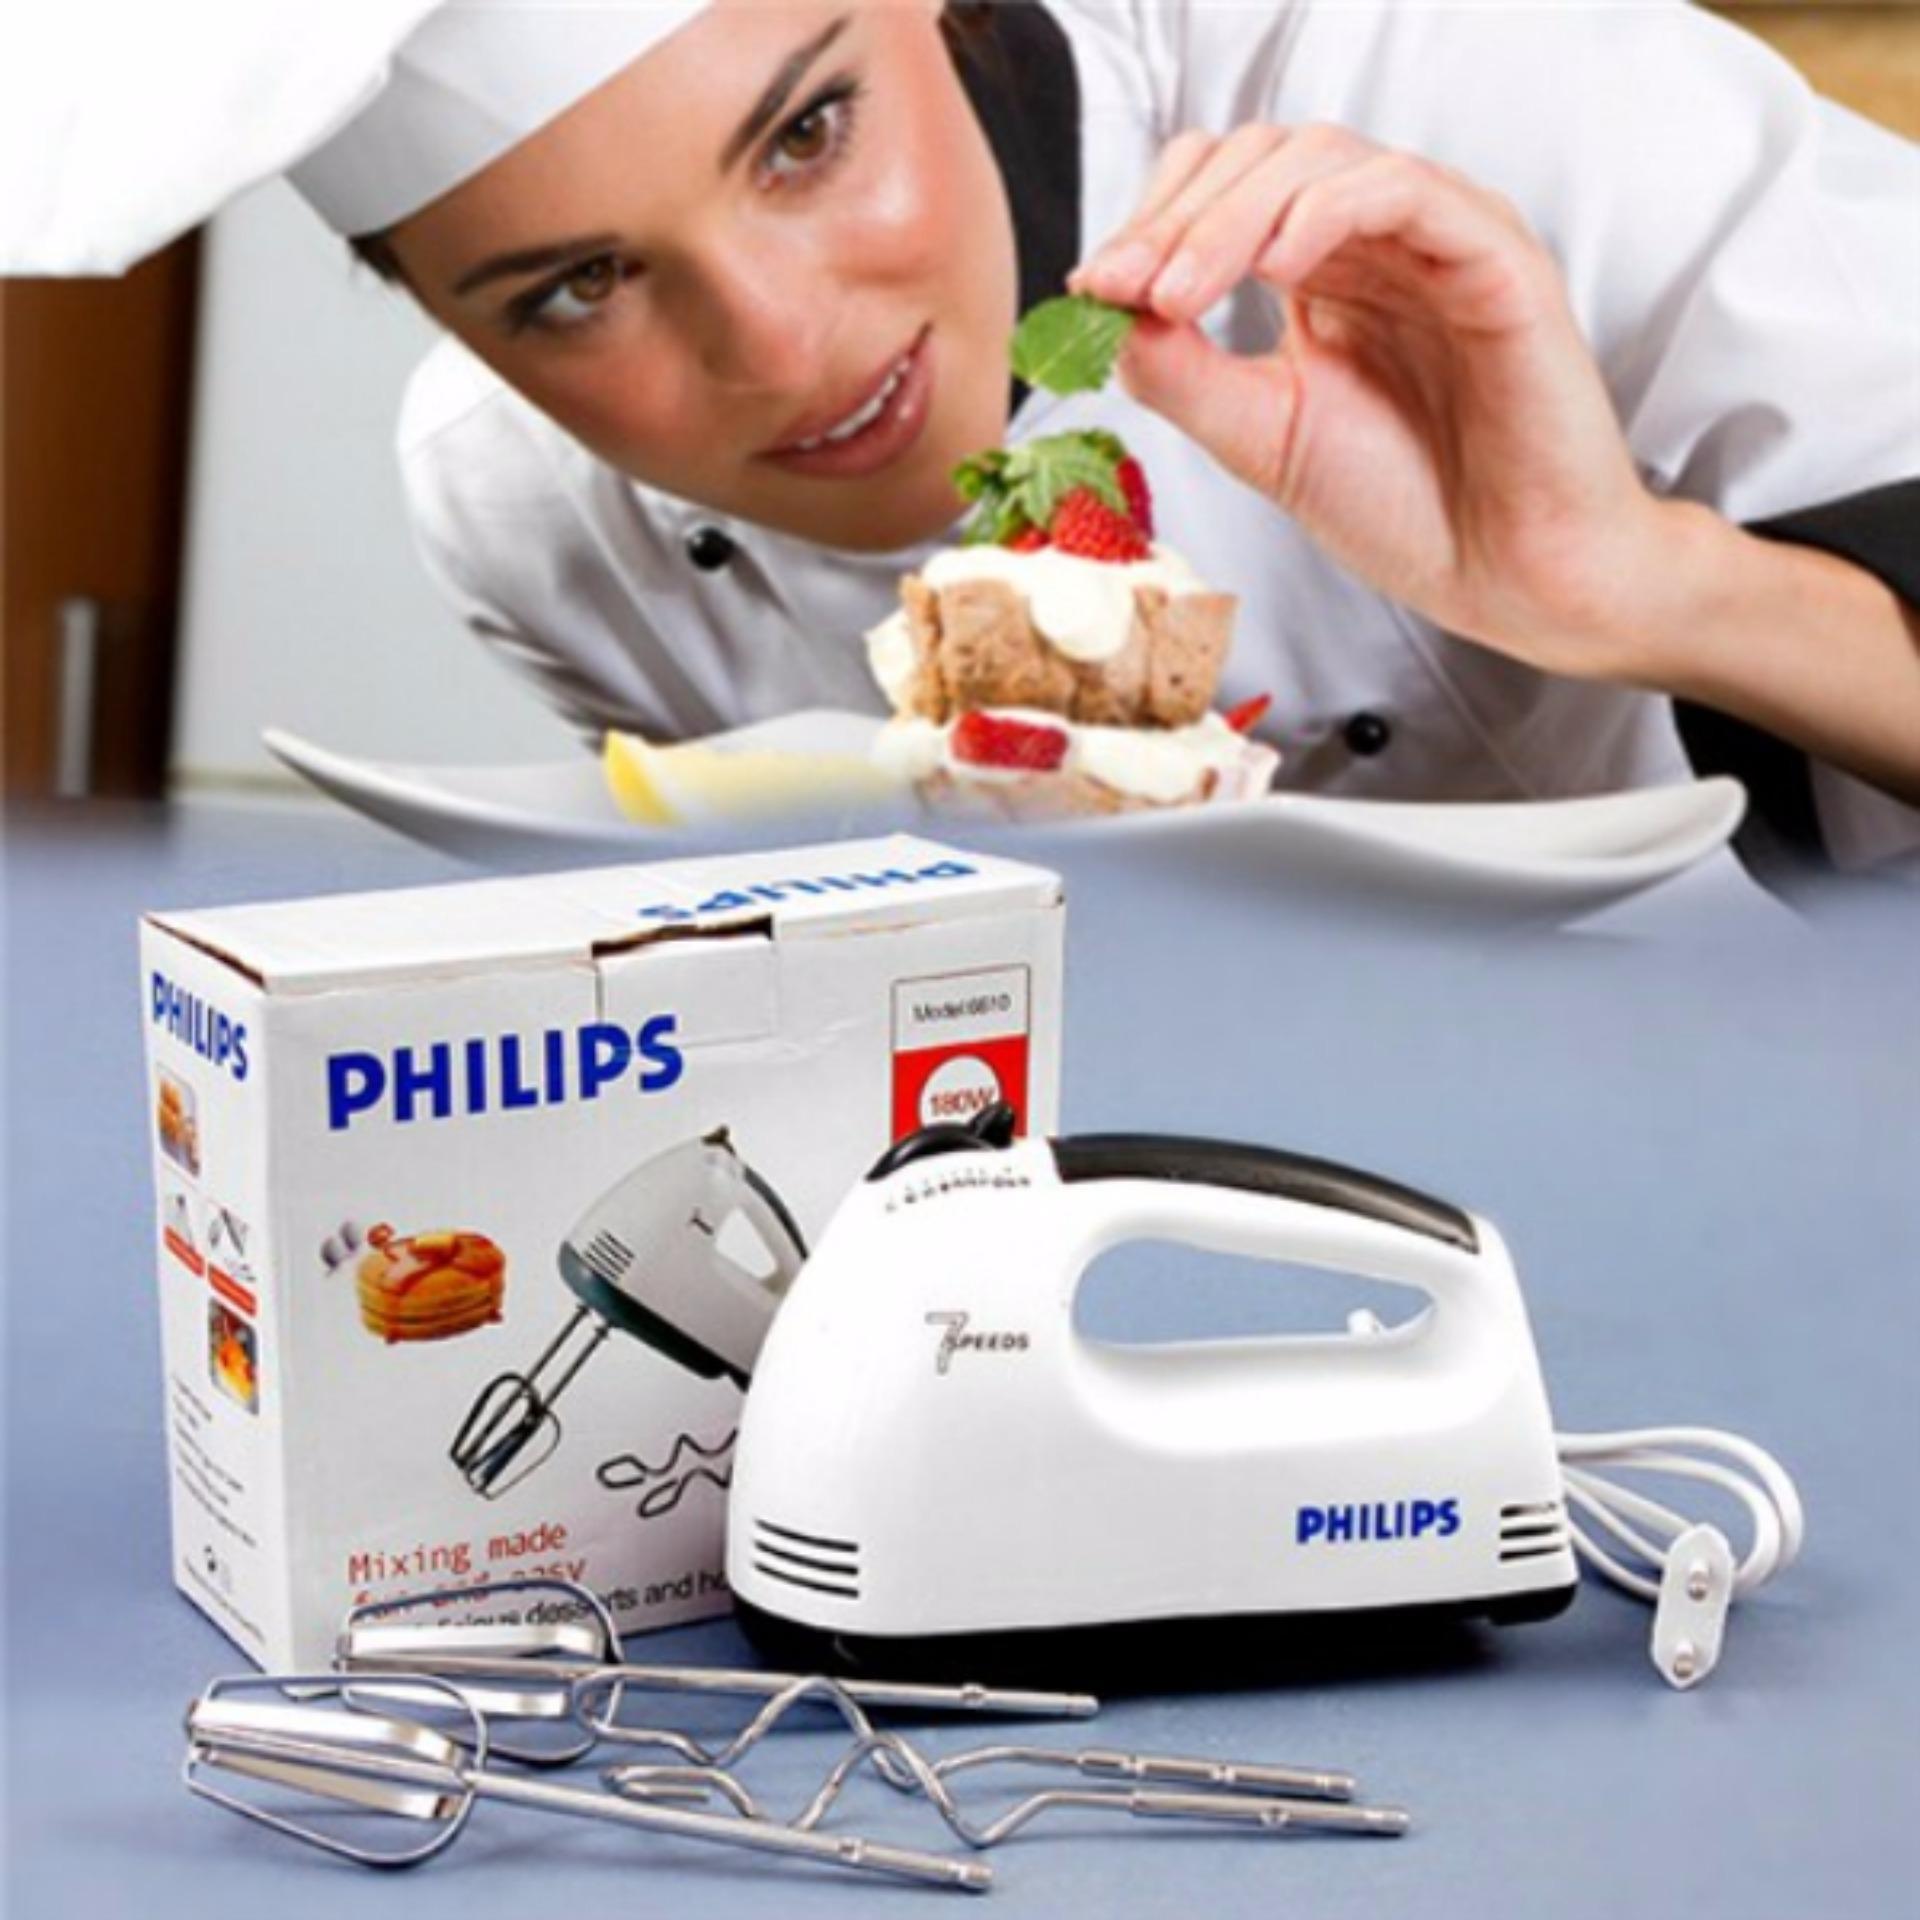 Máy đánh trứng cầm tay Philip 6610 (7 cấp độ)